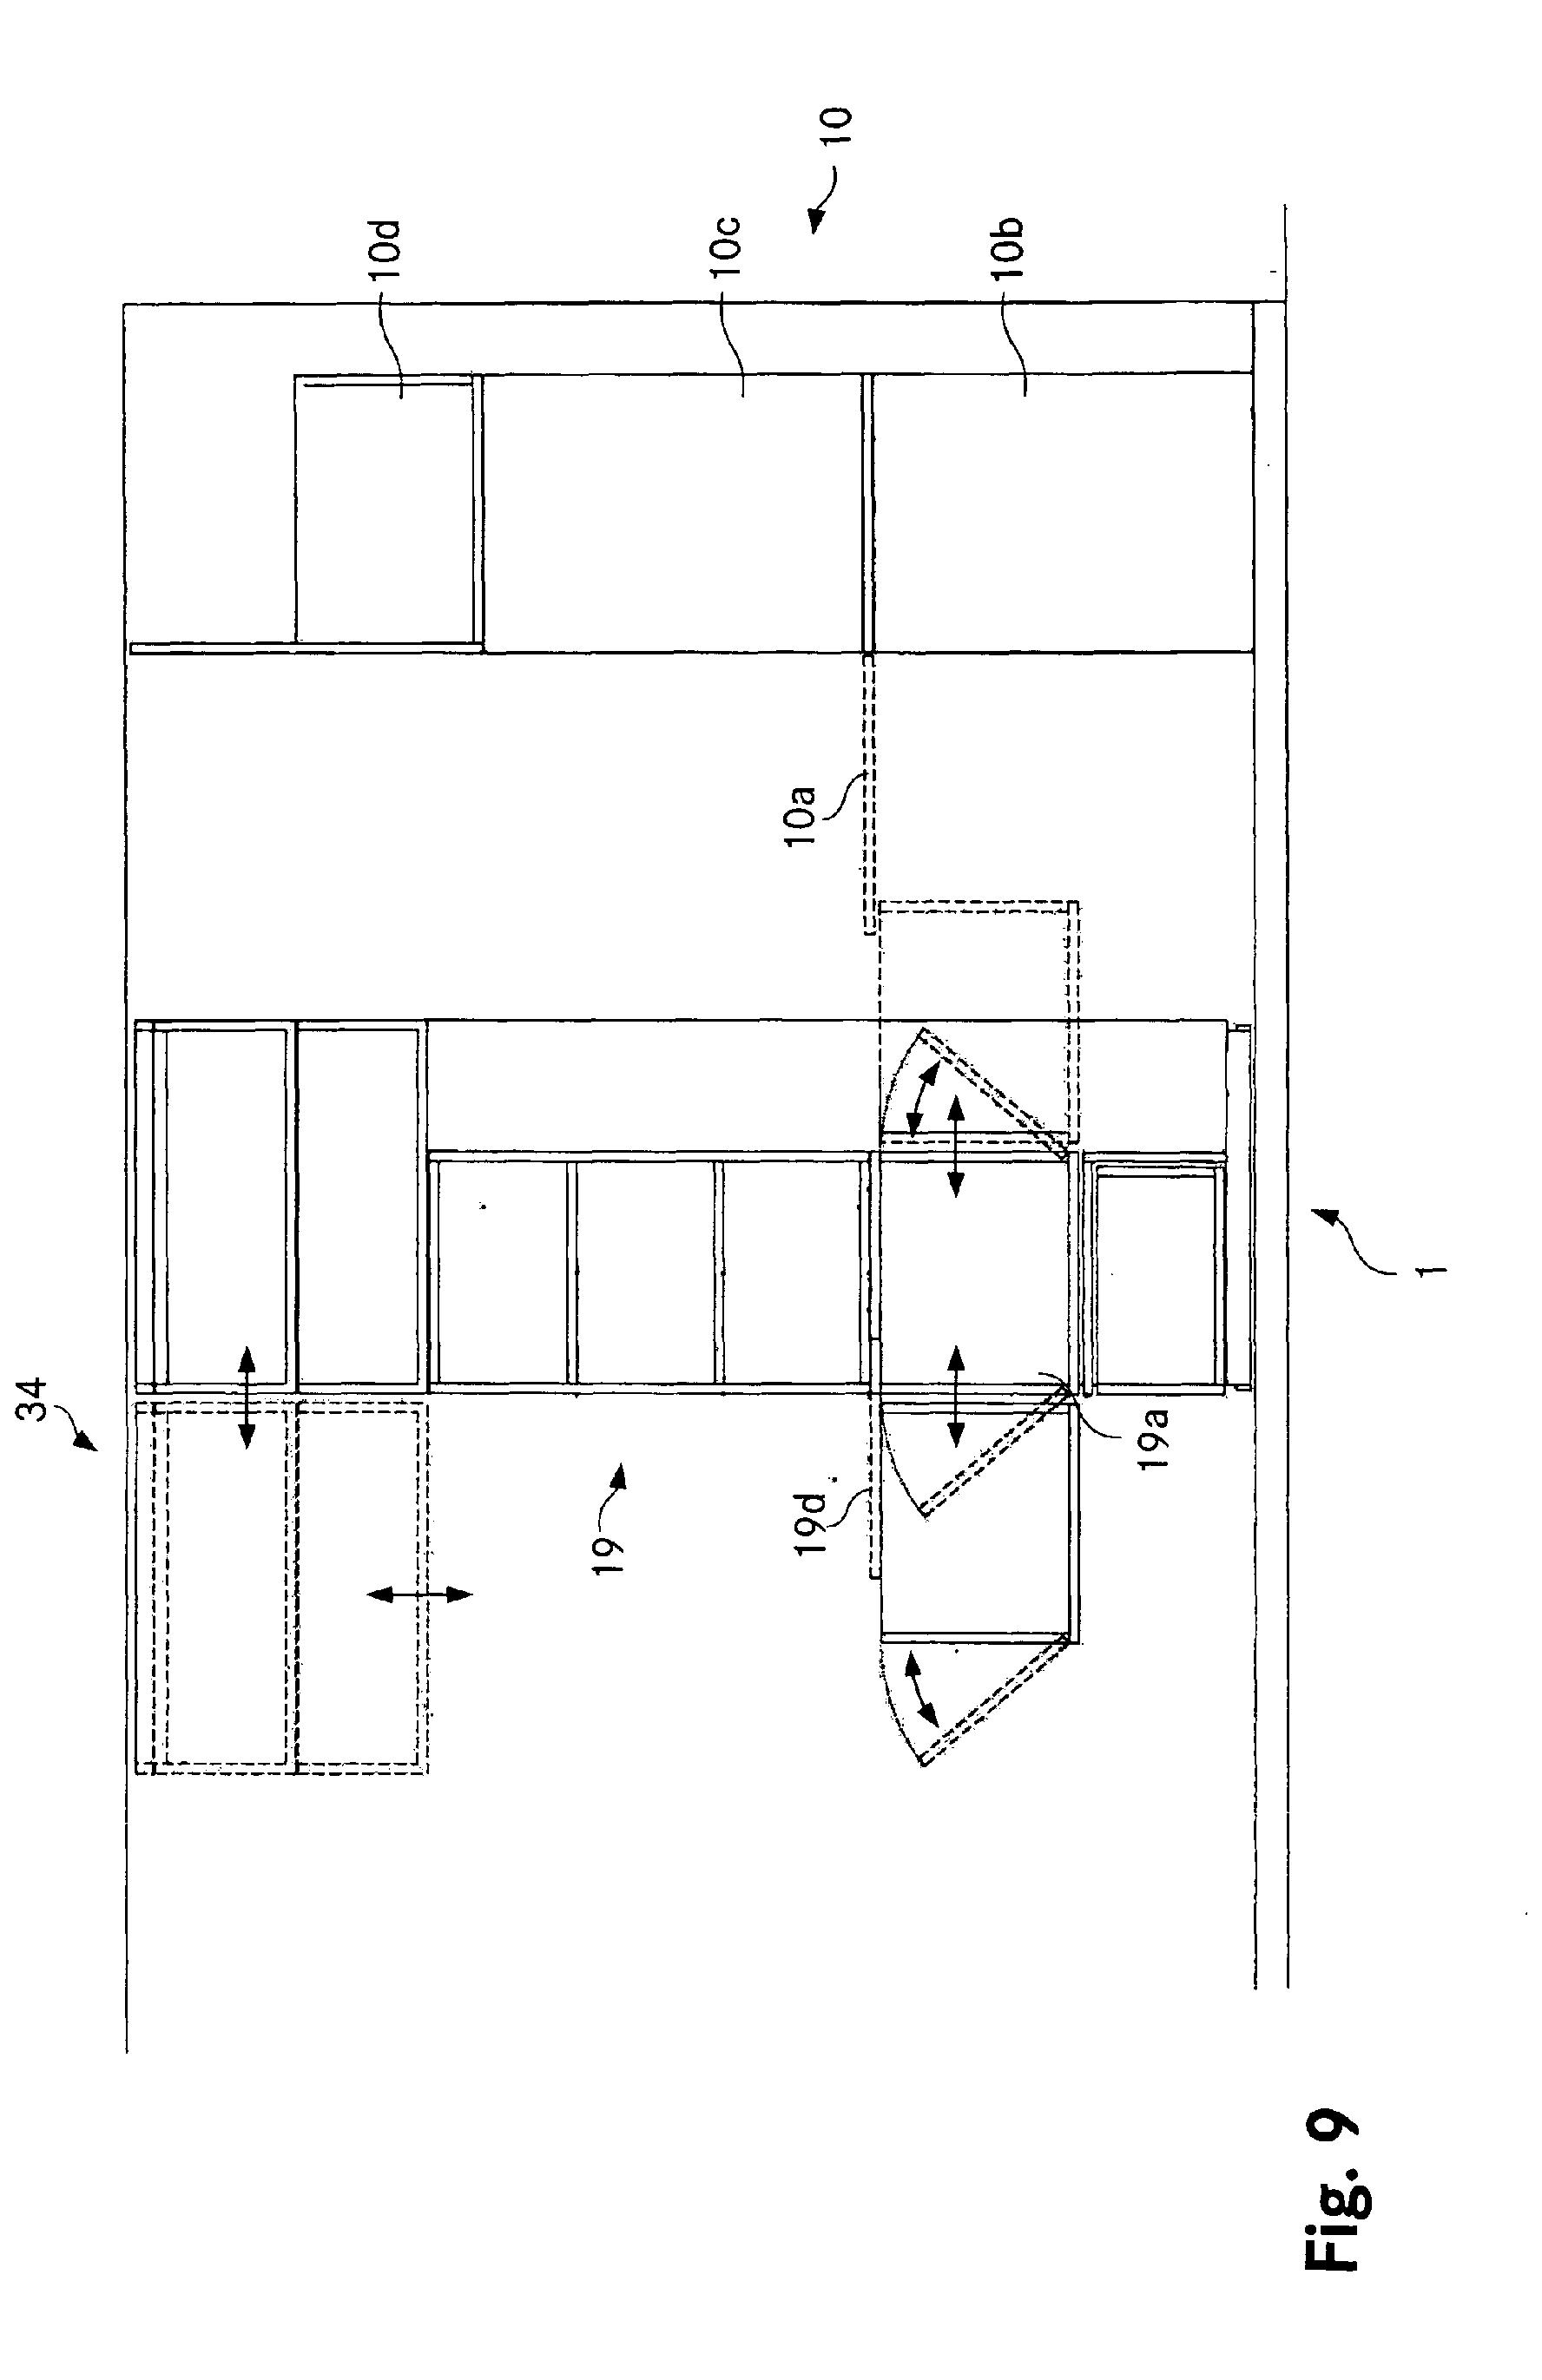 patent ep1604590a1 einbau f r eine wohnung mit einem. Black Bedroom Furniture Sets. Home Design Ideas